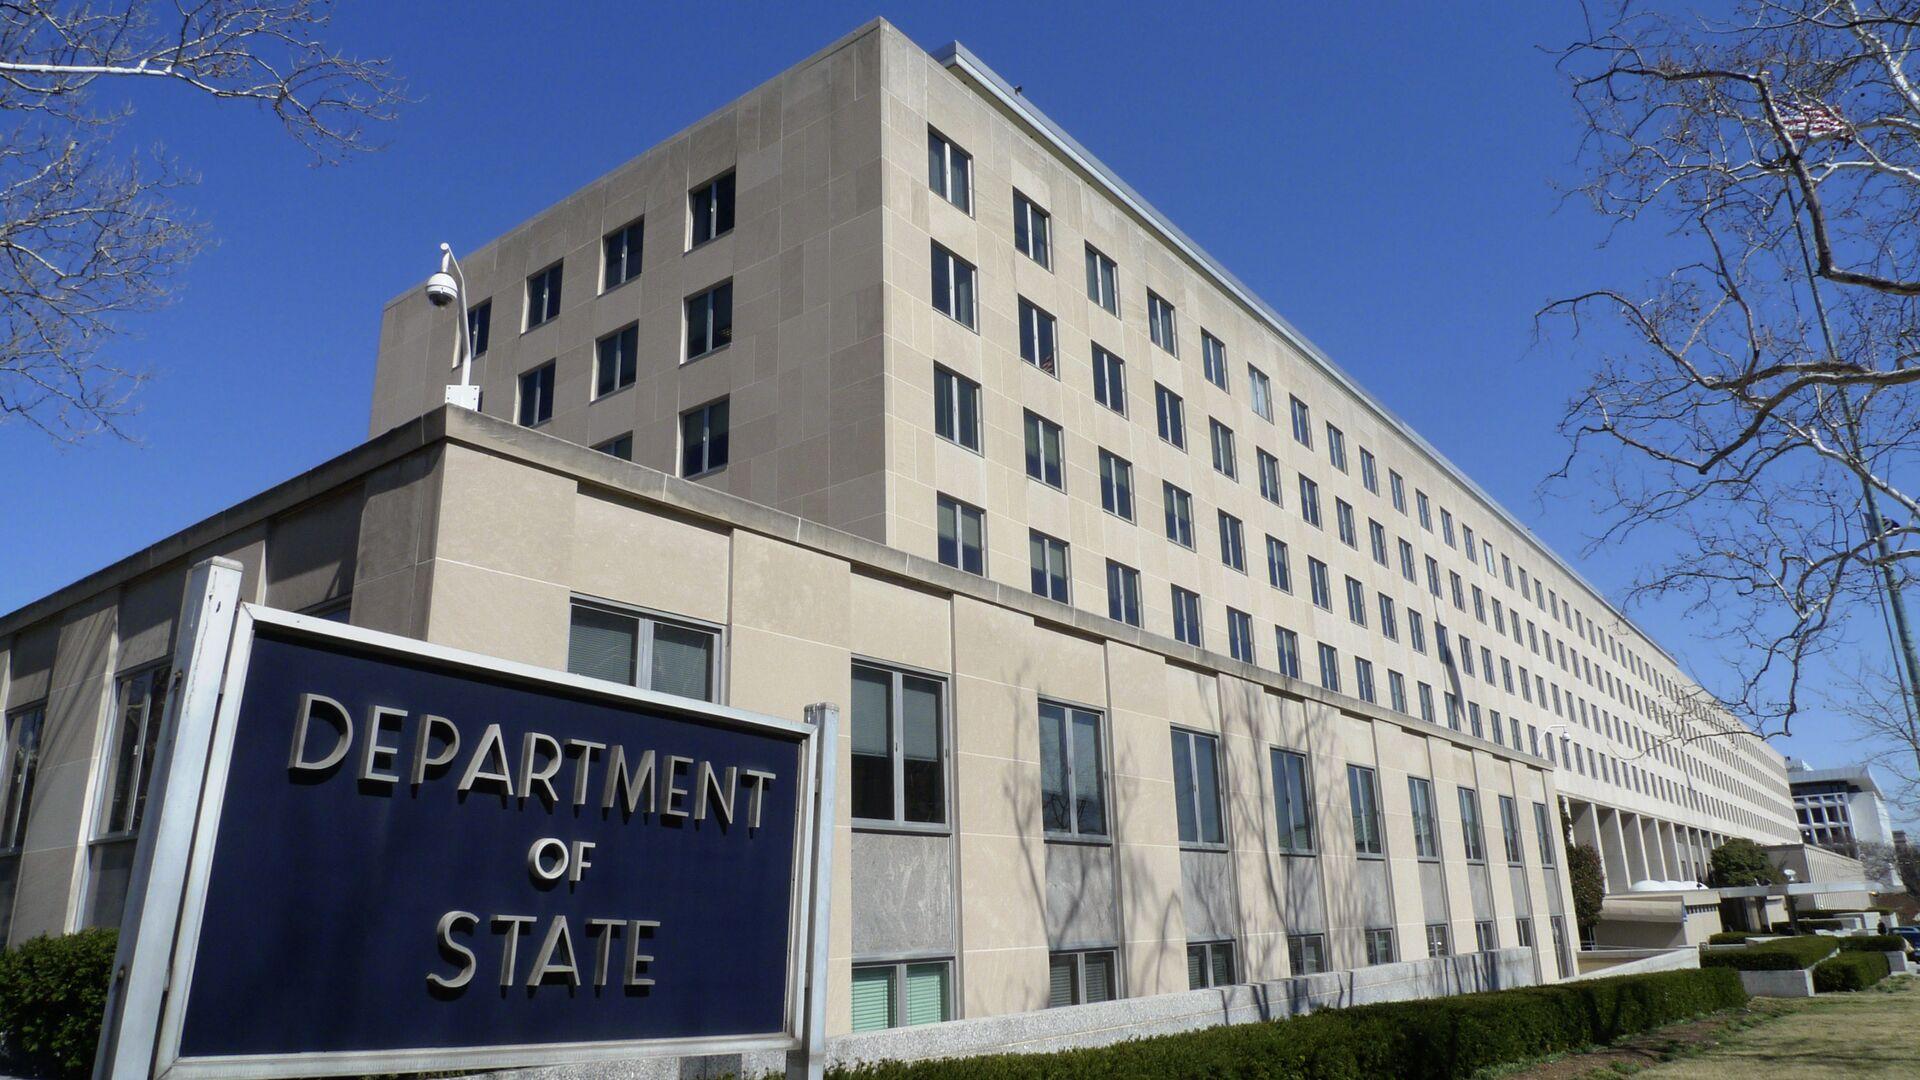 Ministerstvo zahraničí USA ve Washingtonu - Sputnik Česká republika, 1920, 21.06.2021